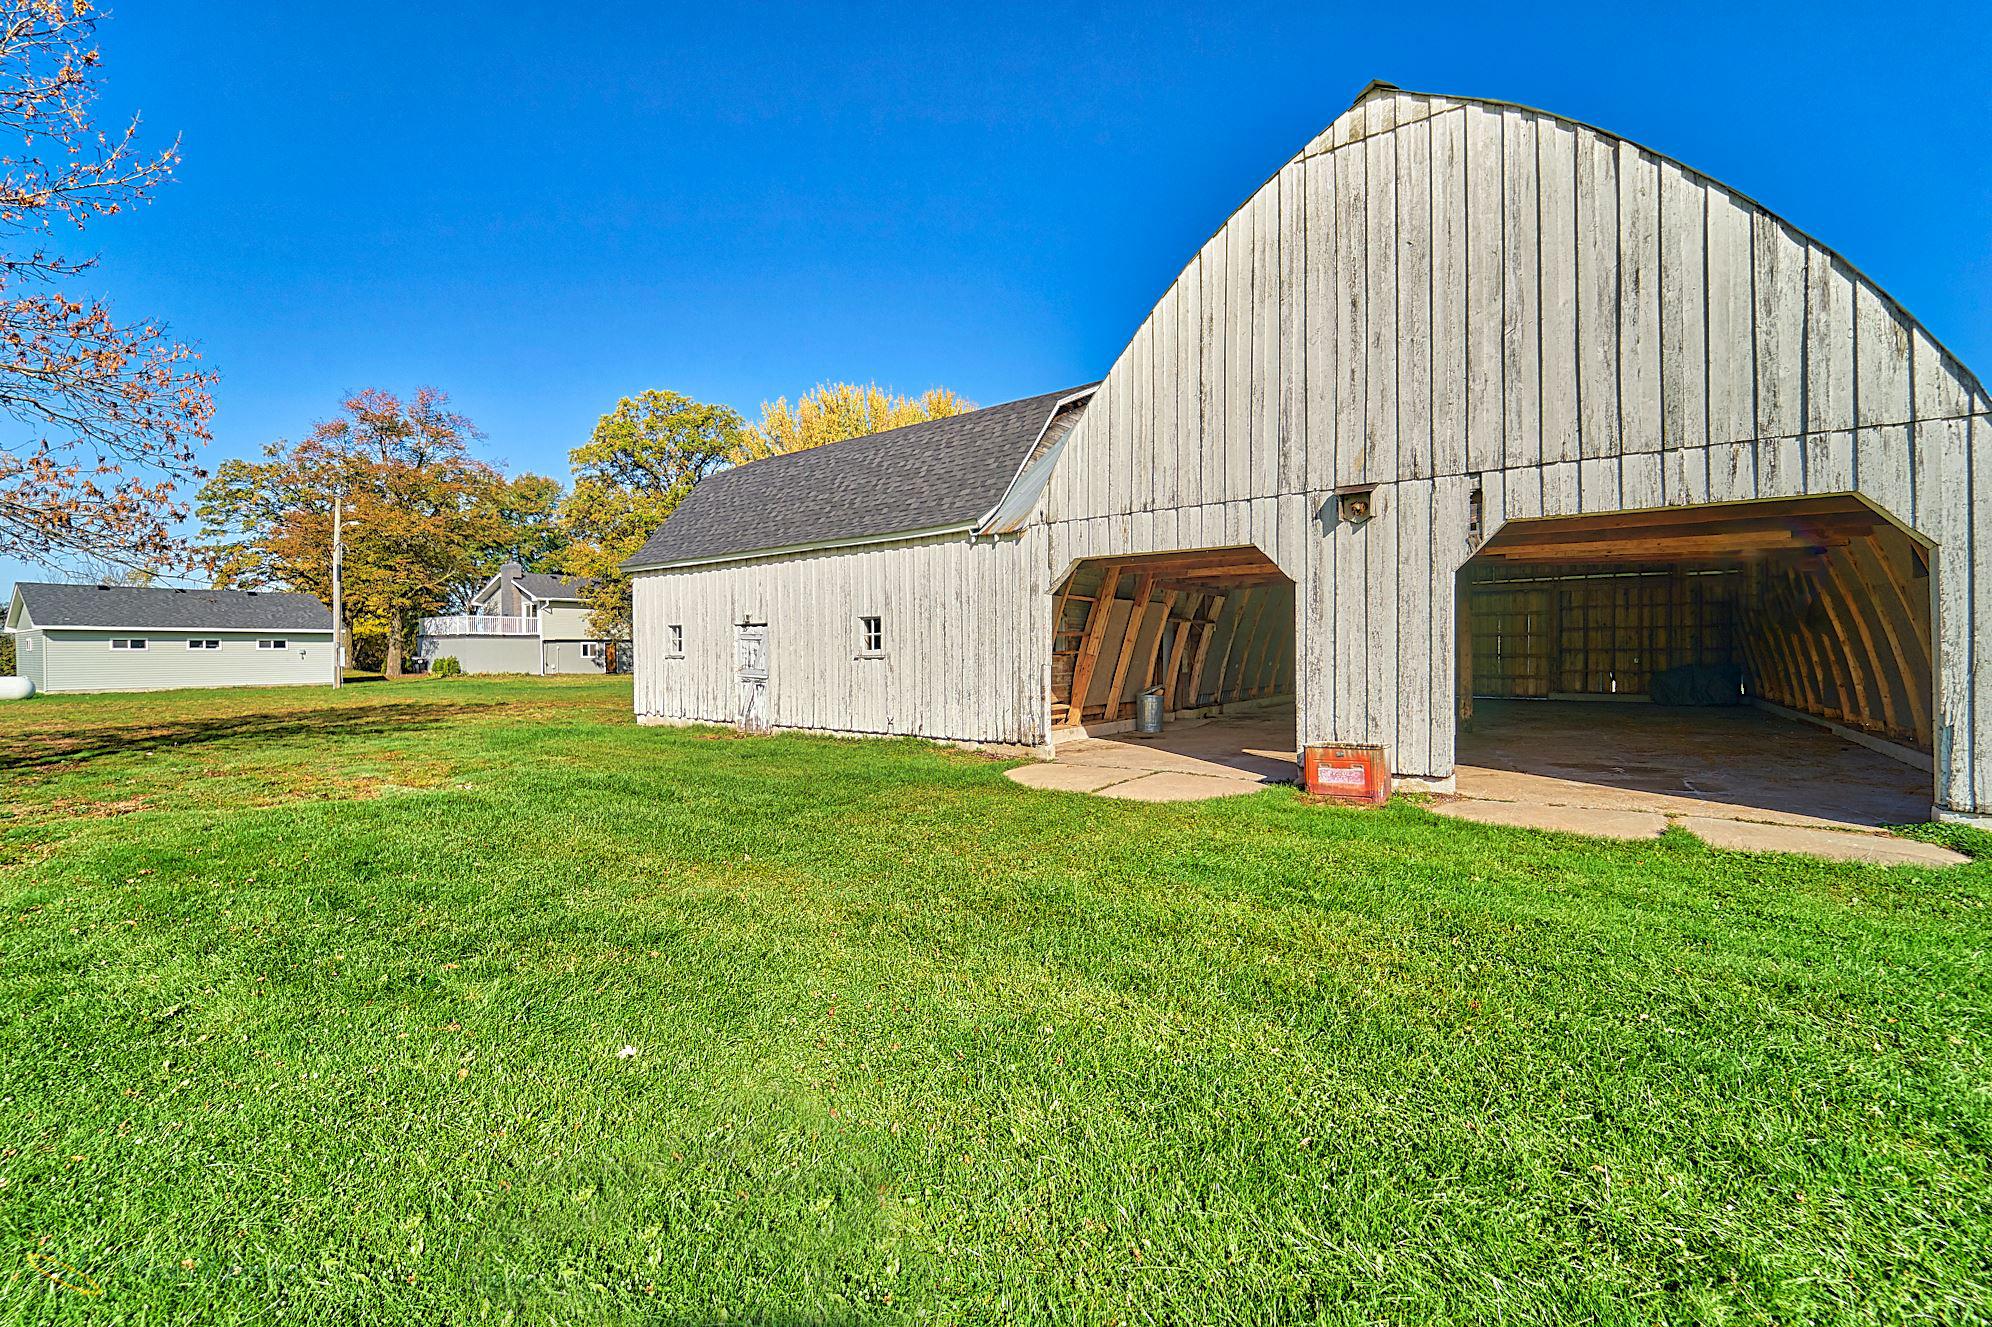 8166-Rondeau-Lake-Rd-E-Lino Lakes-6-barn.jpg